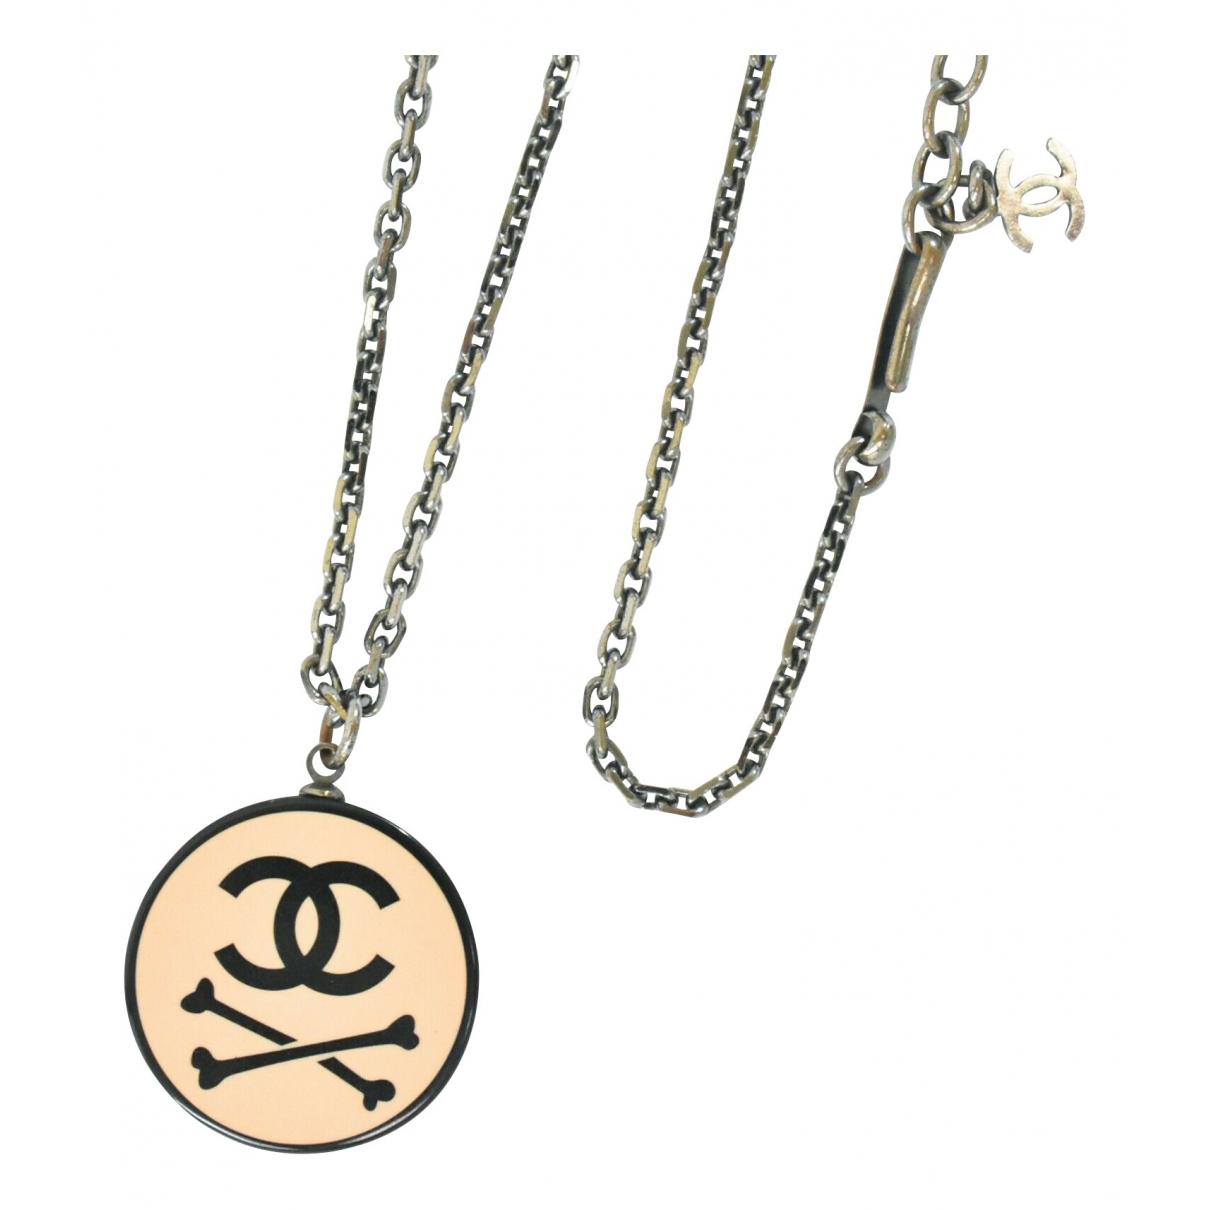 Chanel \N Beige necklace for Women \N